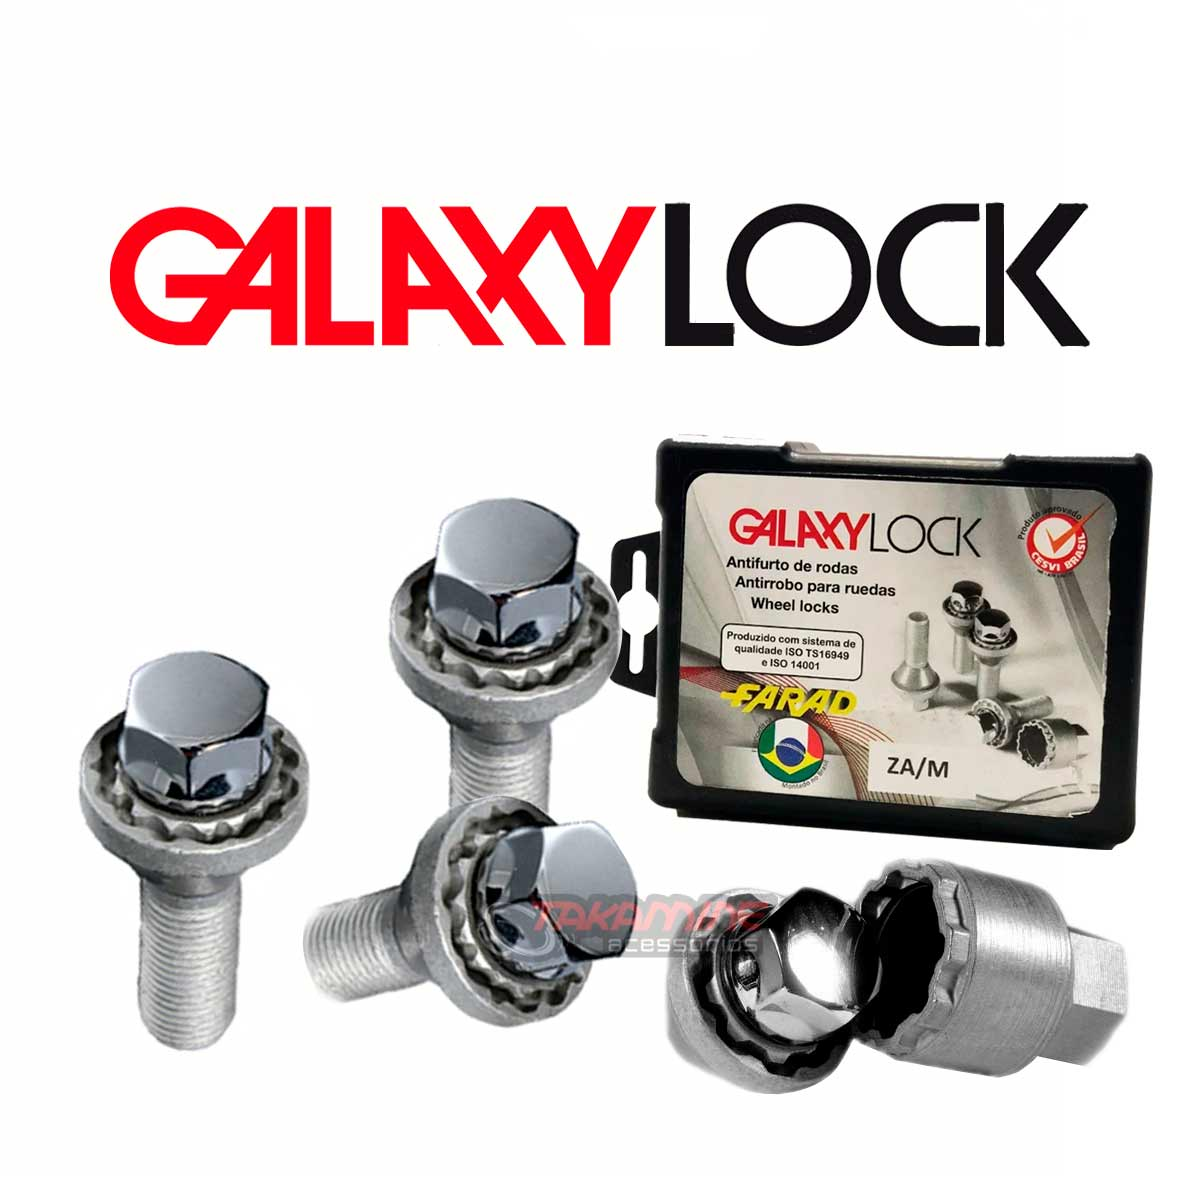 Parafuso antifurto para rodas Galaxy Lock C4 2004 até 2018 BE8/M